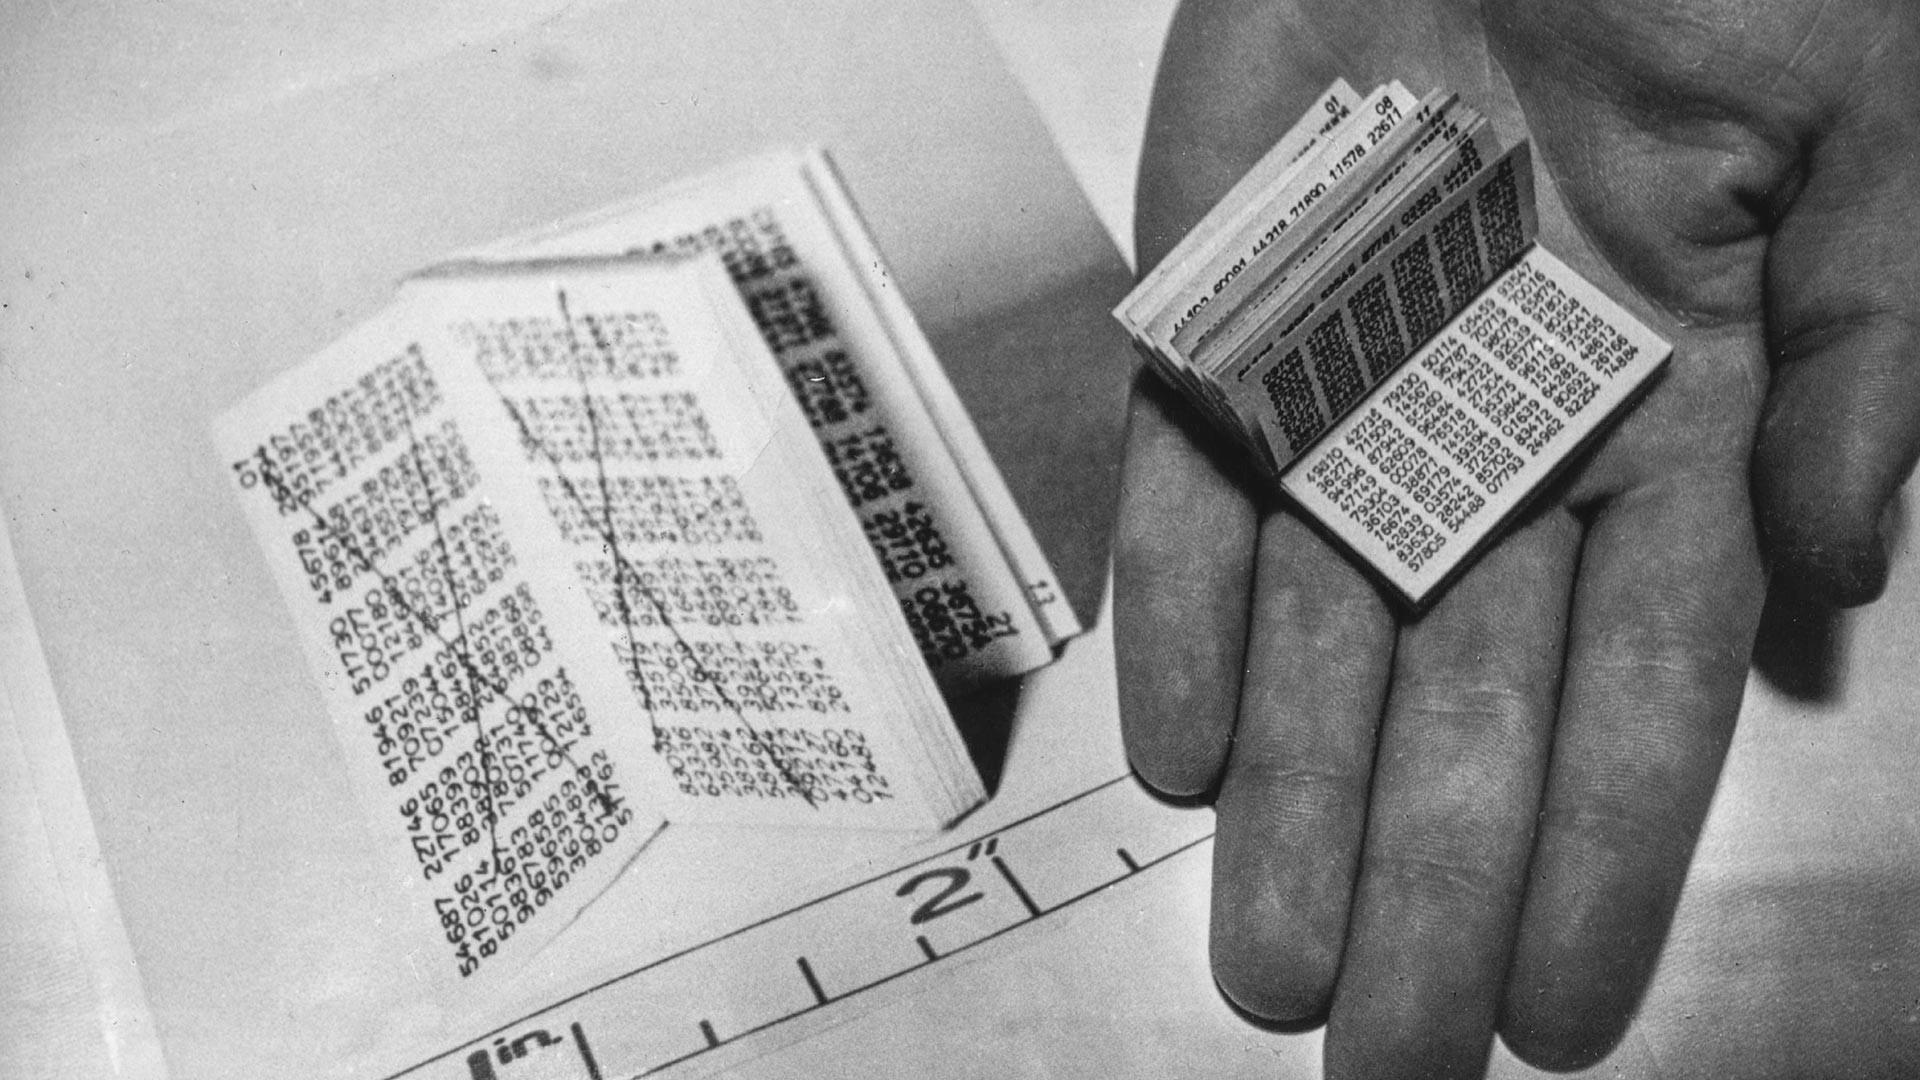 Livre miniature utilisé par les espions pour décoder les messages venant d'URSS